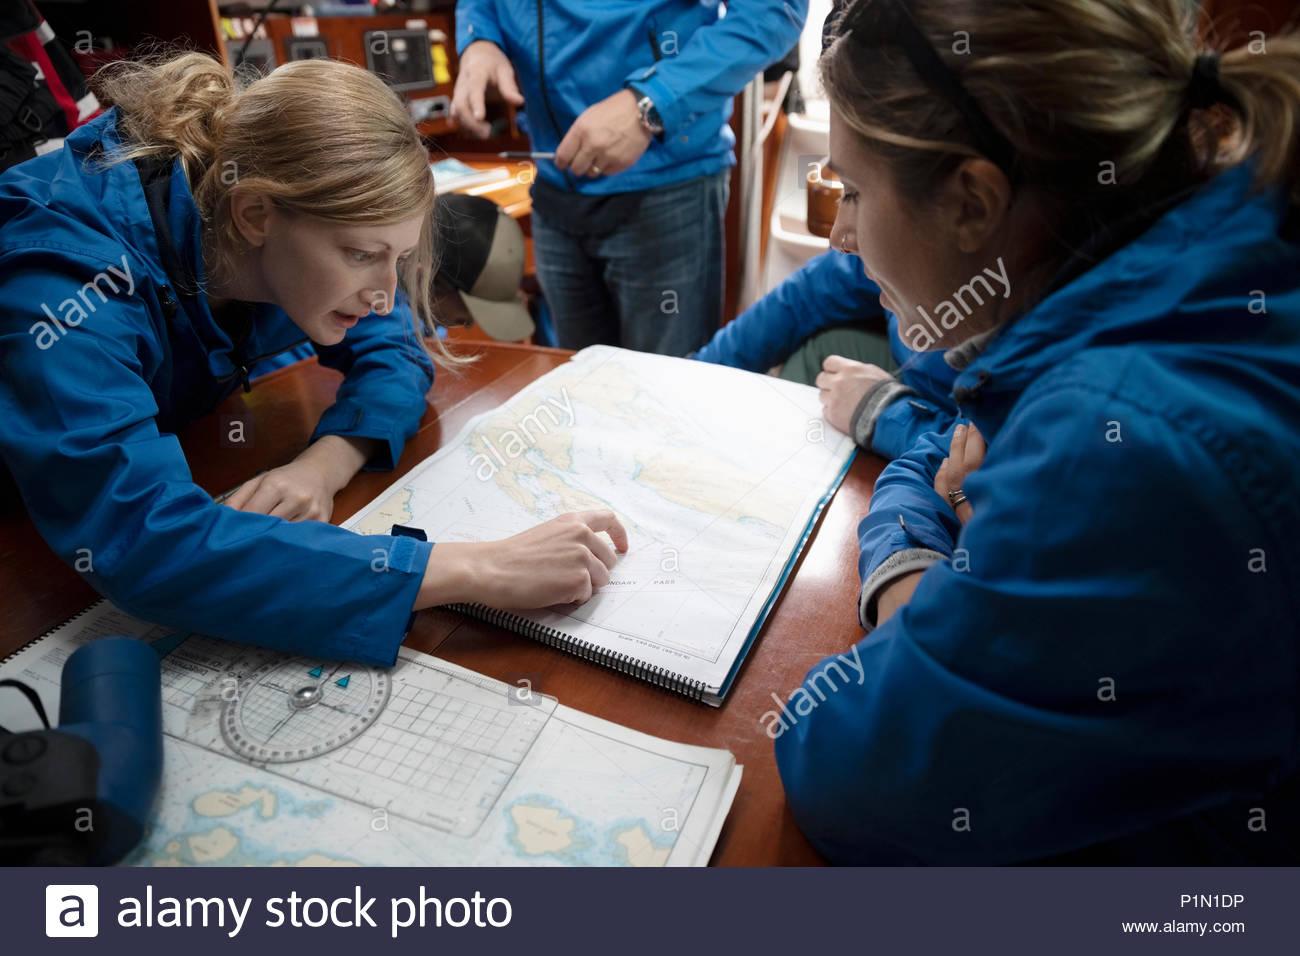 La squadra di vela corso di tracciatura a mappa sulla barca a vela Foto Stock